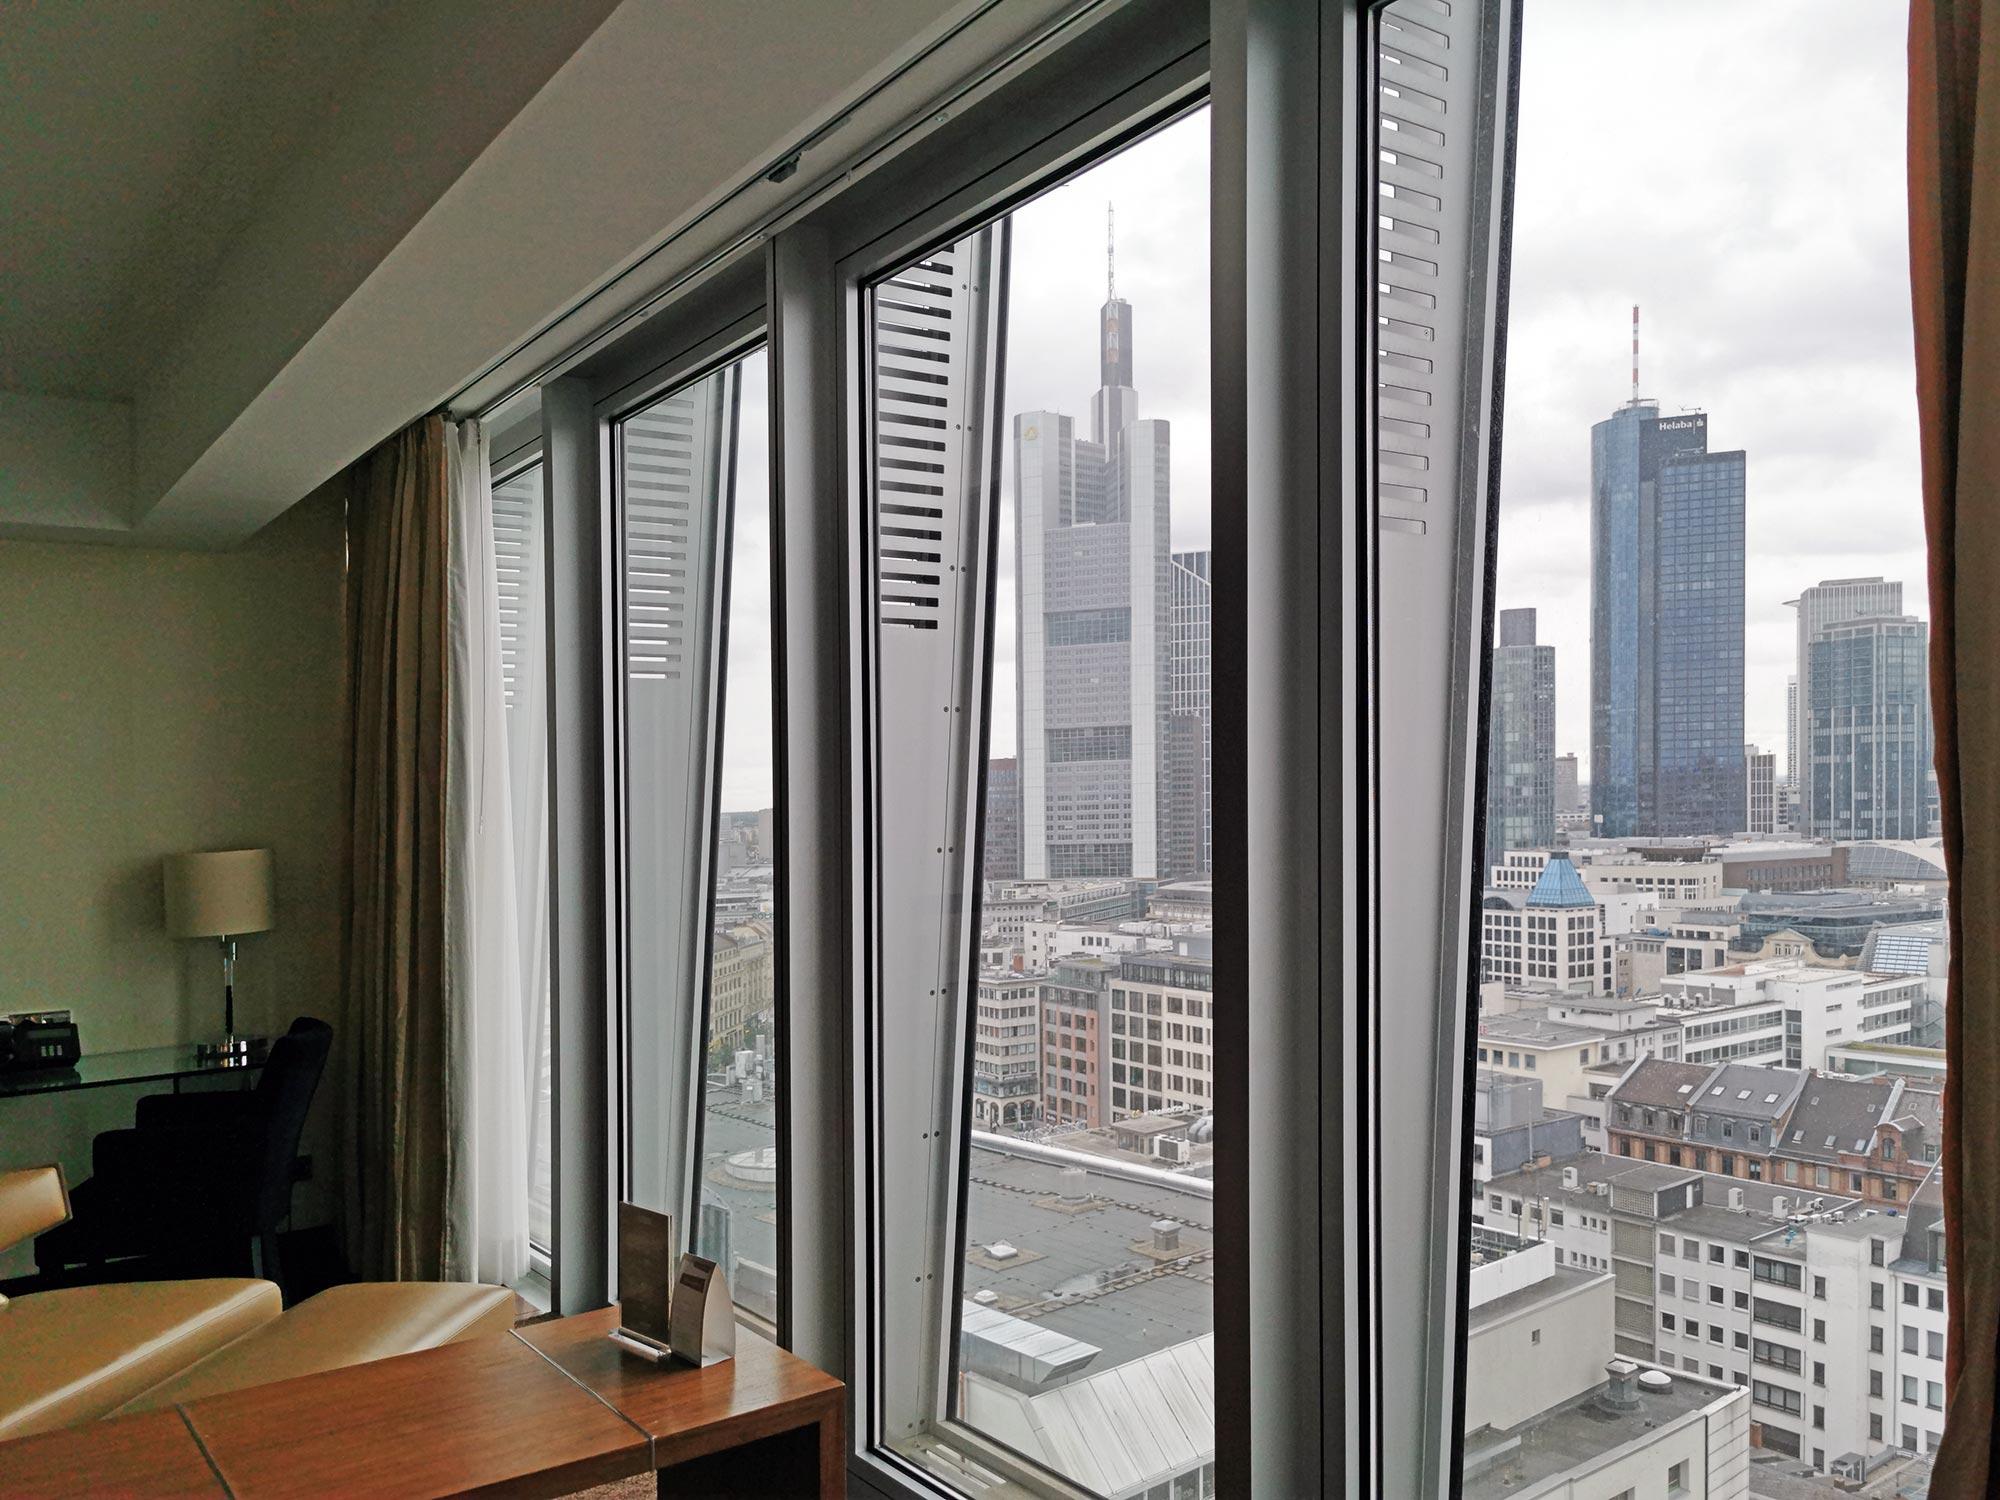 Frankfurt Skyline Hotel mit Blick auf Wolkenkratzer - Frankfurt Panorama Hotel - Hotel mit Skylineblick in Deutschland - Jumeirah Hotel Tower - Hotelzimmer